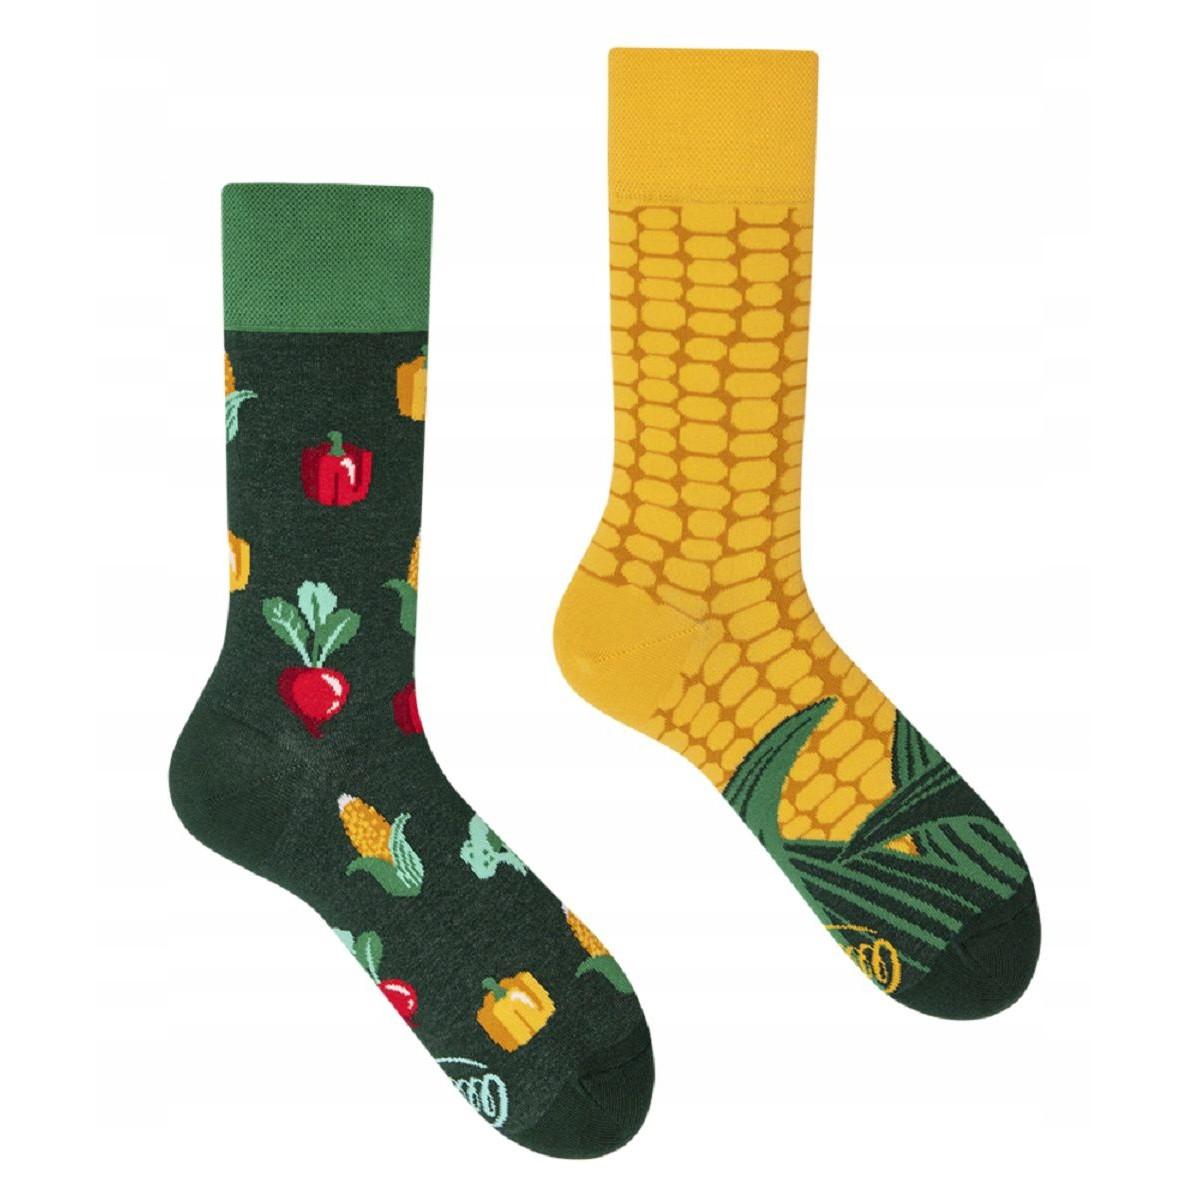 veselé ponožky VEGGIE MIX kukurica zelenina 35-38 farebné megamix.sk